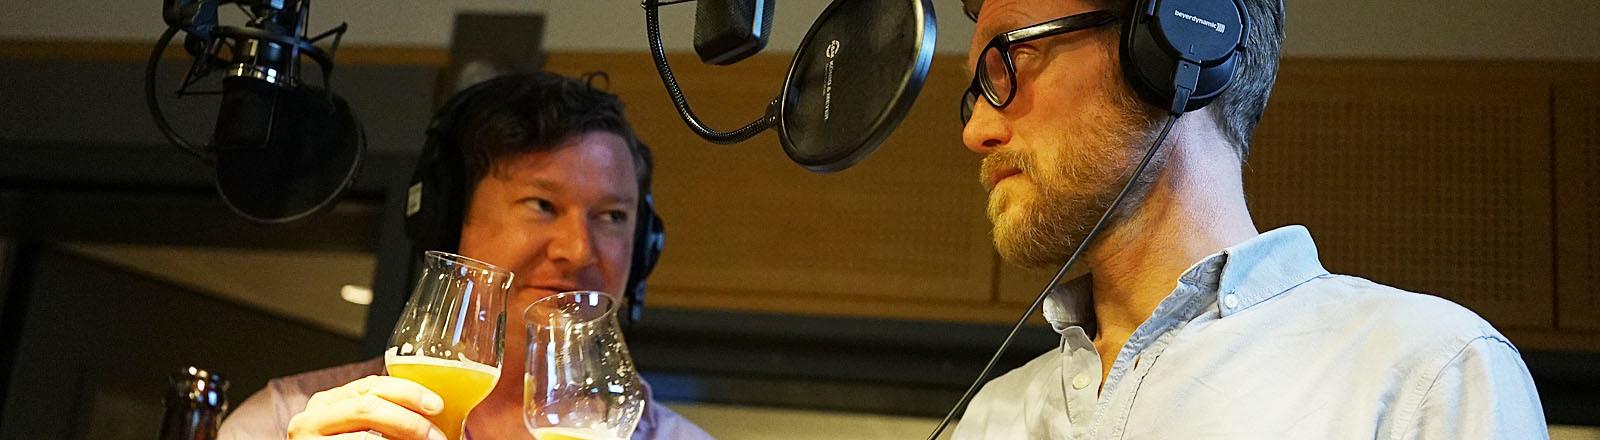 Die beiden Co-Brewing-Space-Gründer Chris Gläser und Tim Hauke prosten sich im Studio zu